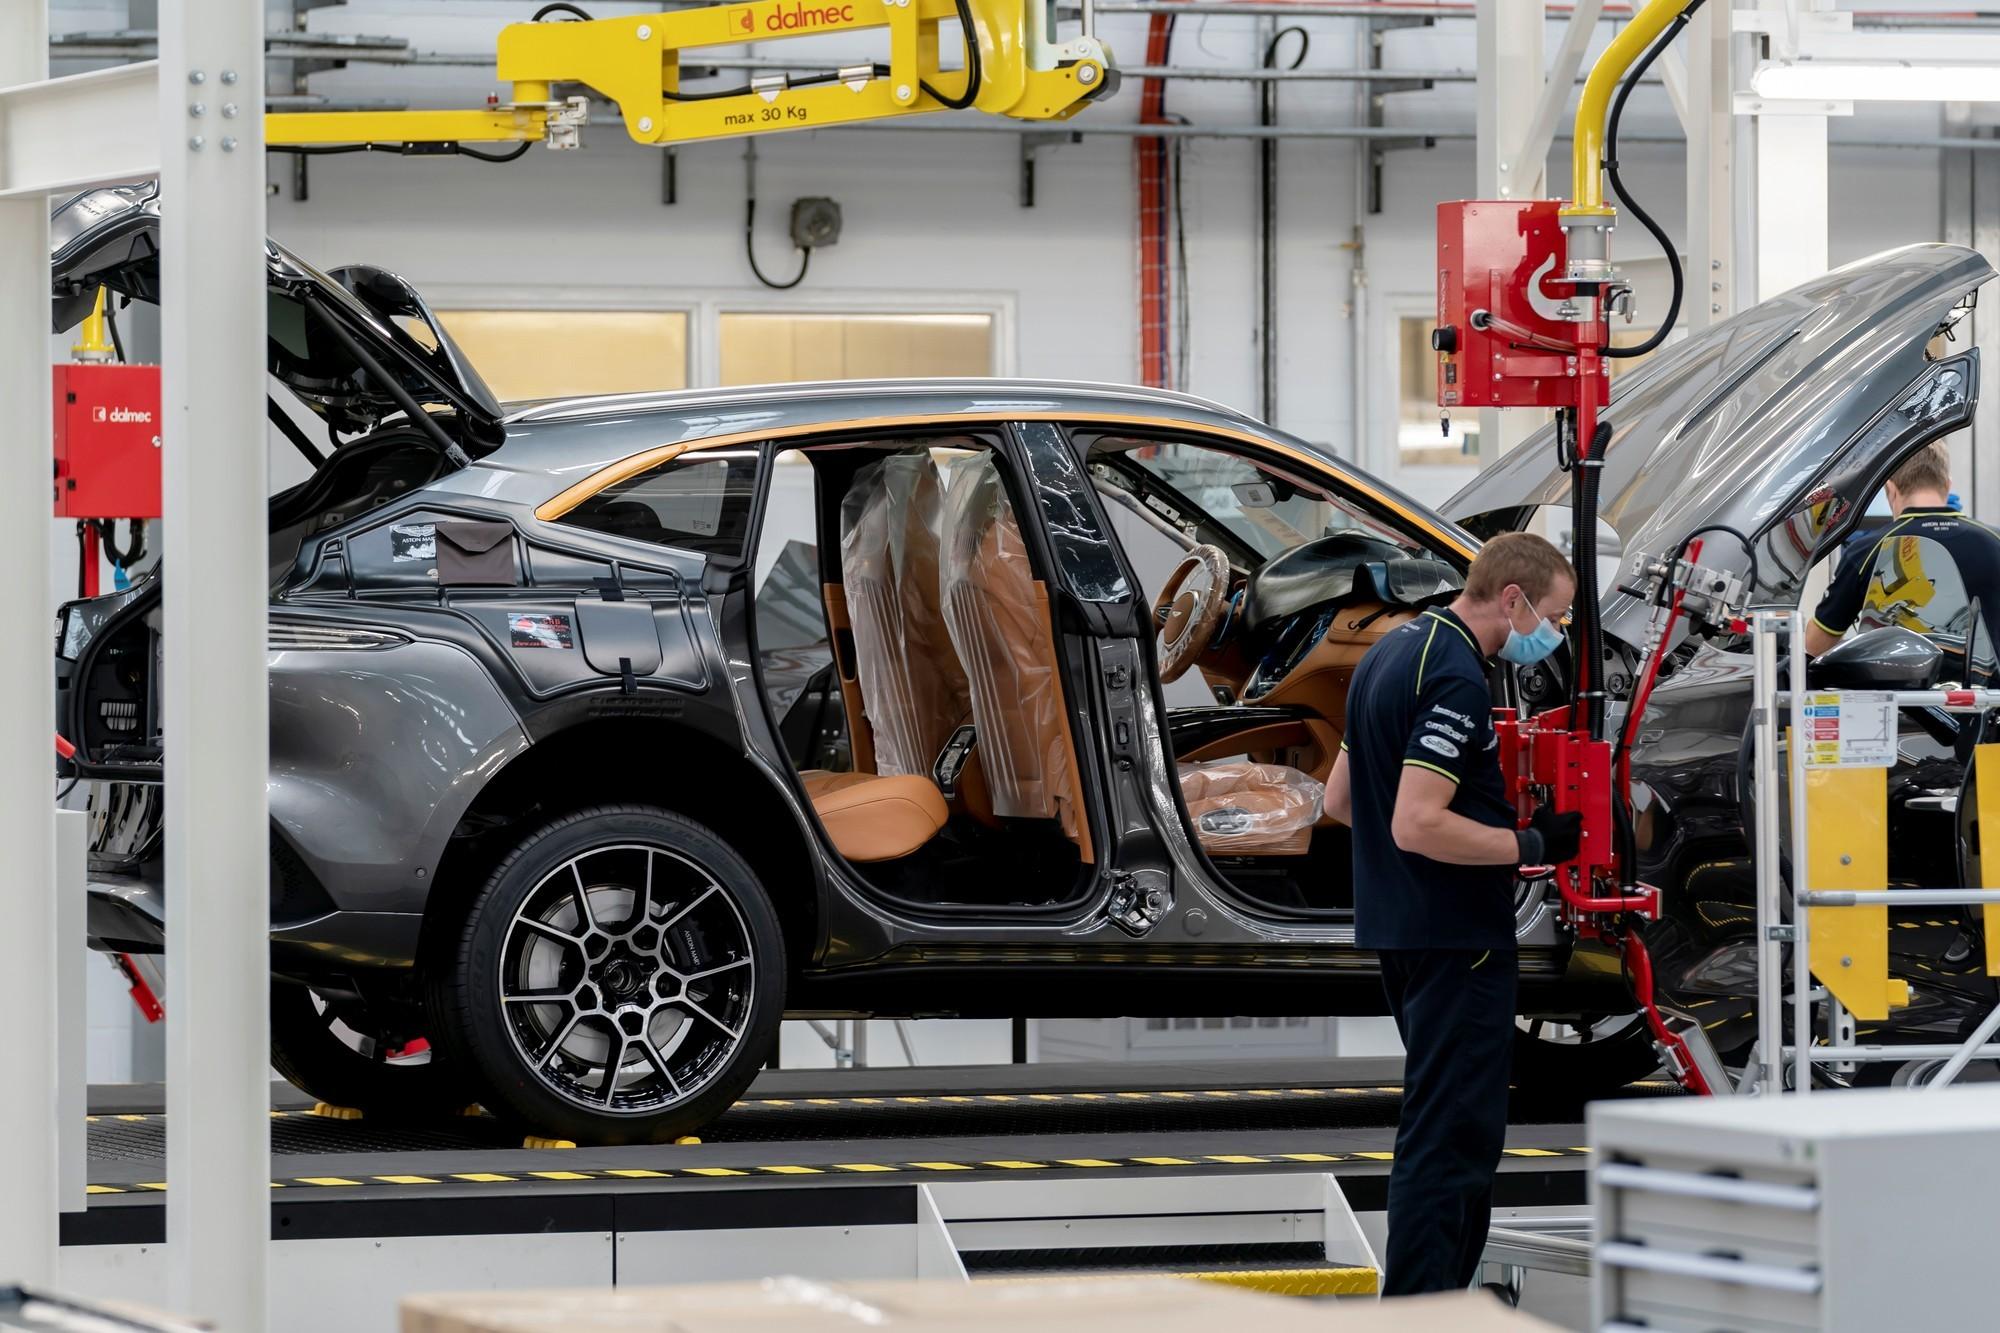 И всё-таки вместе: Aston Martin и Daimler расширяют сотрудничество